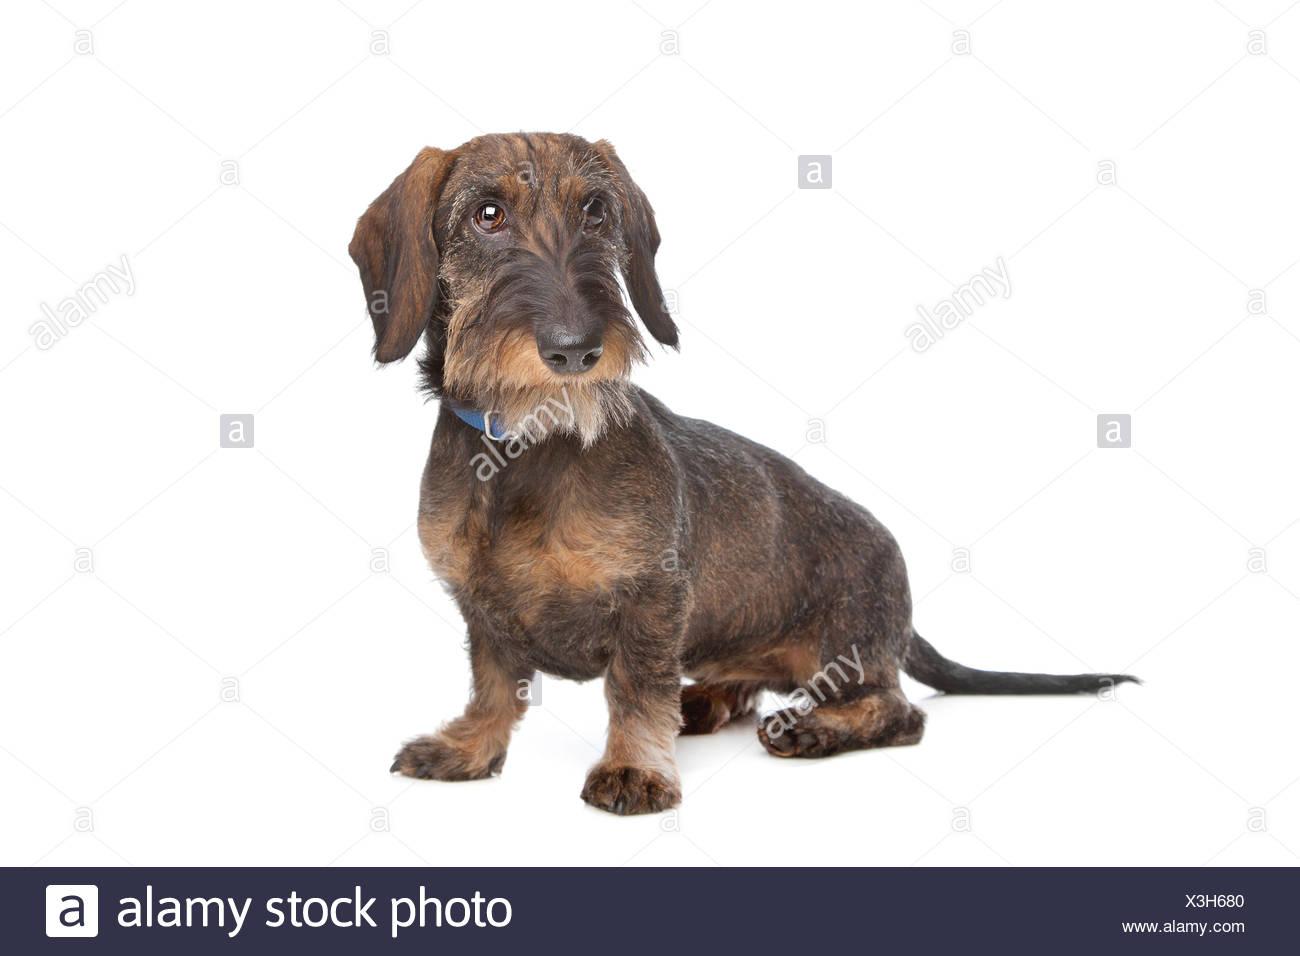 Wire Haired Dachshund Dog Stock Photos & Wire Haired Dachshund Dog ...